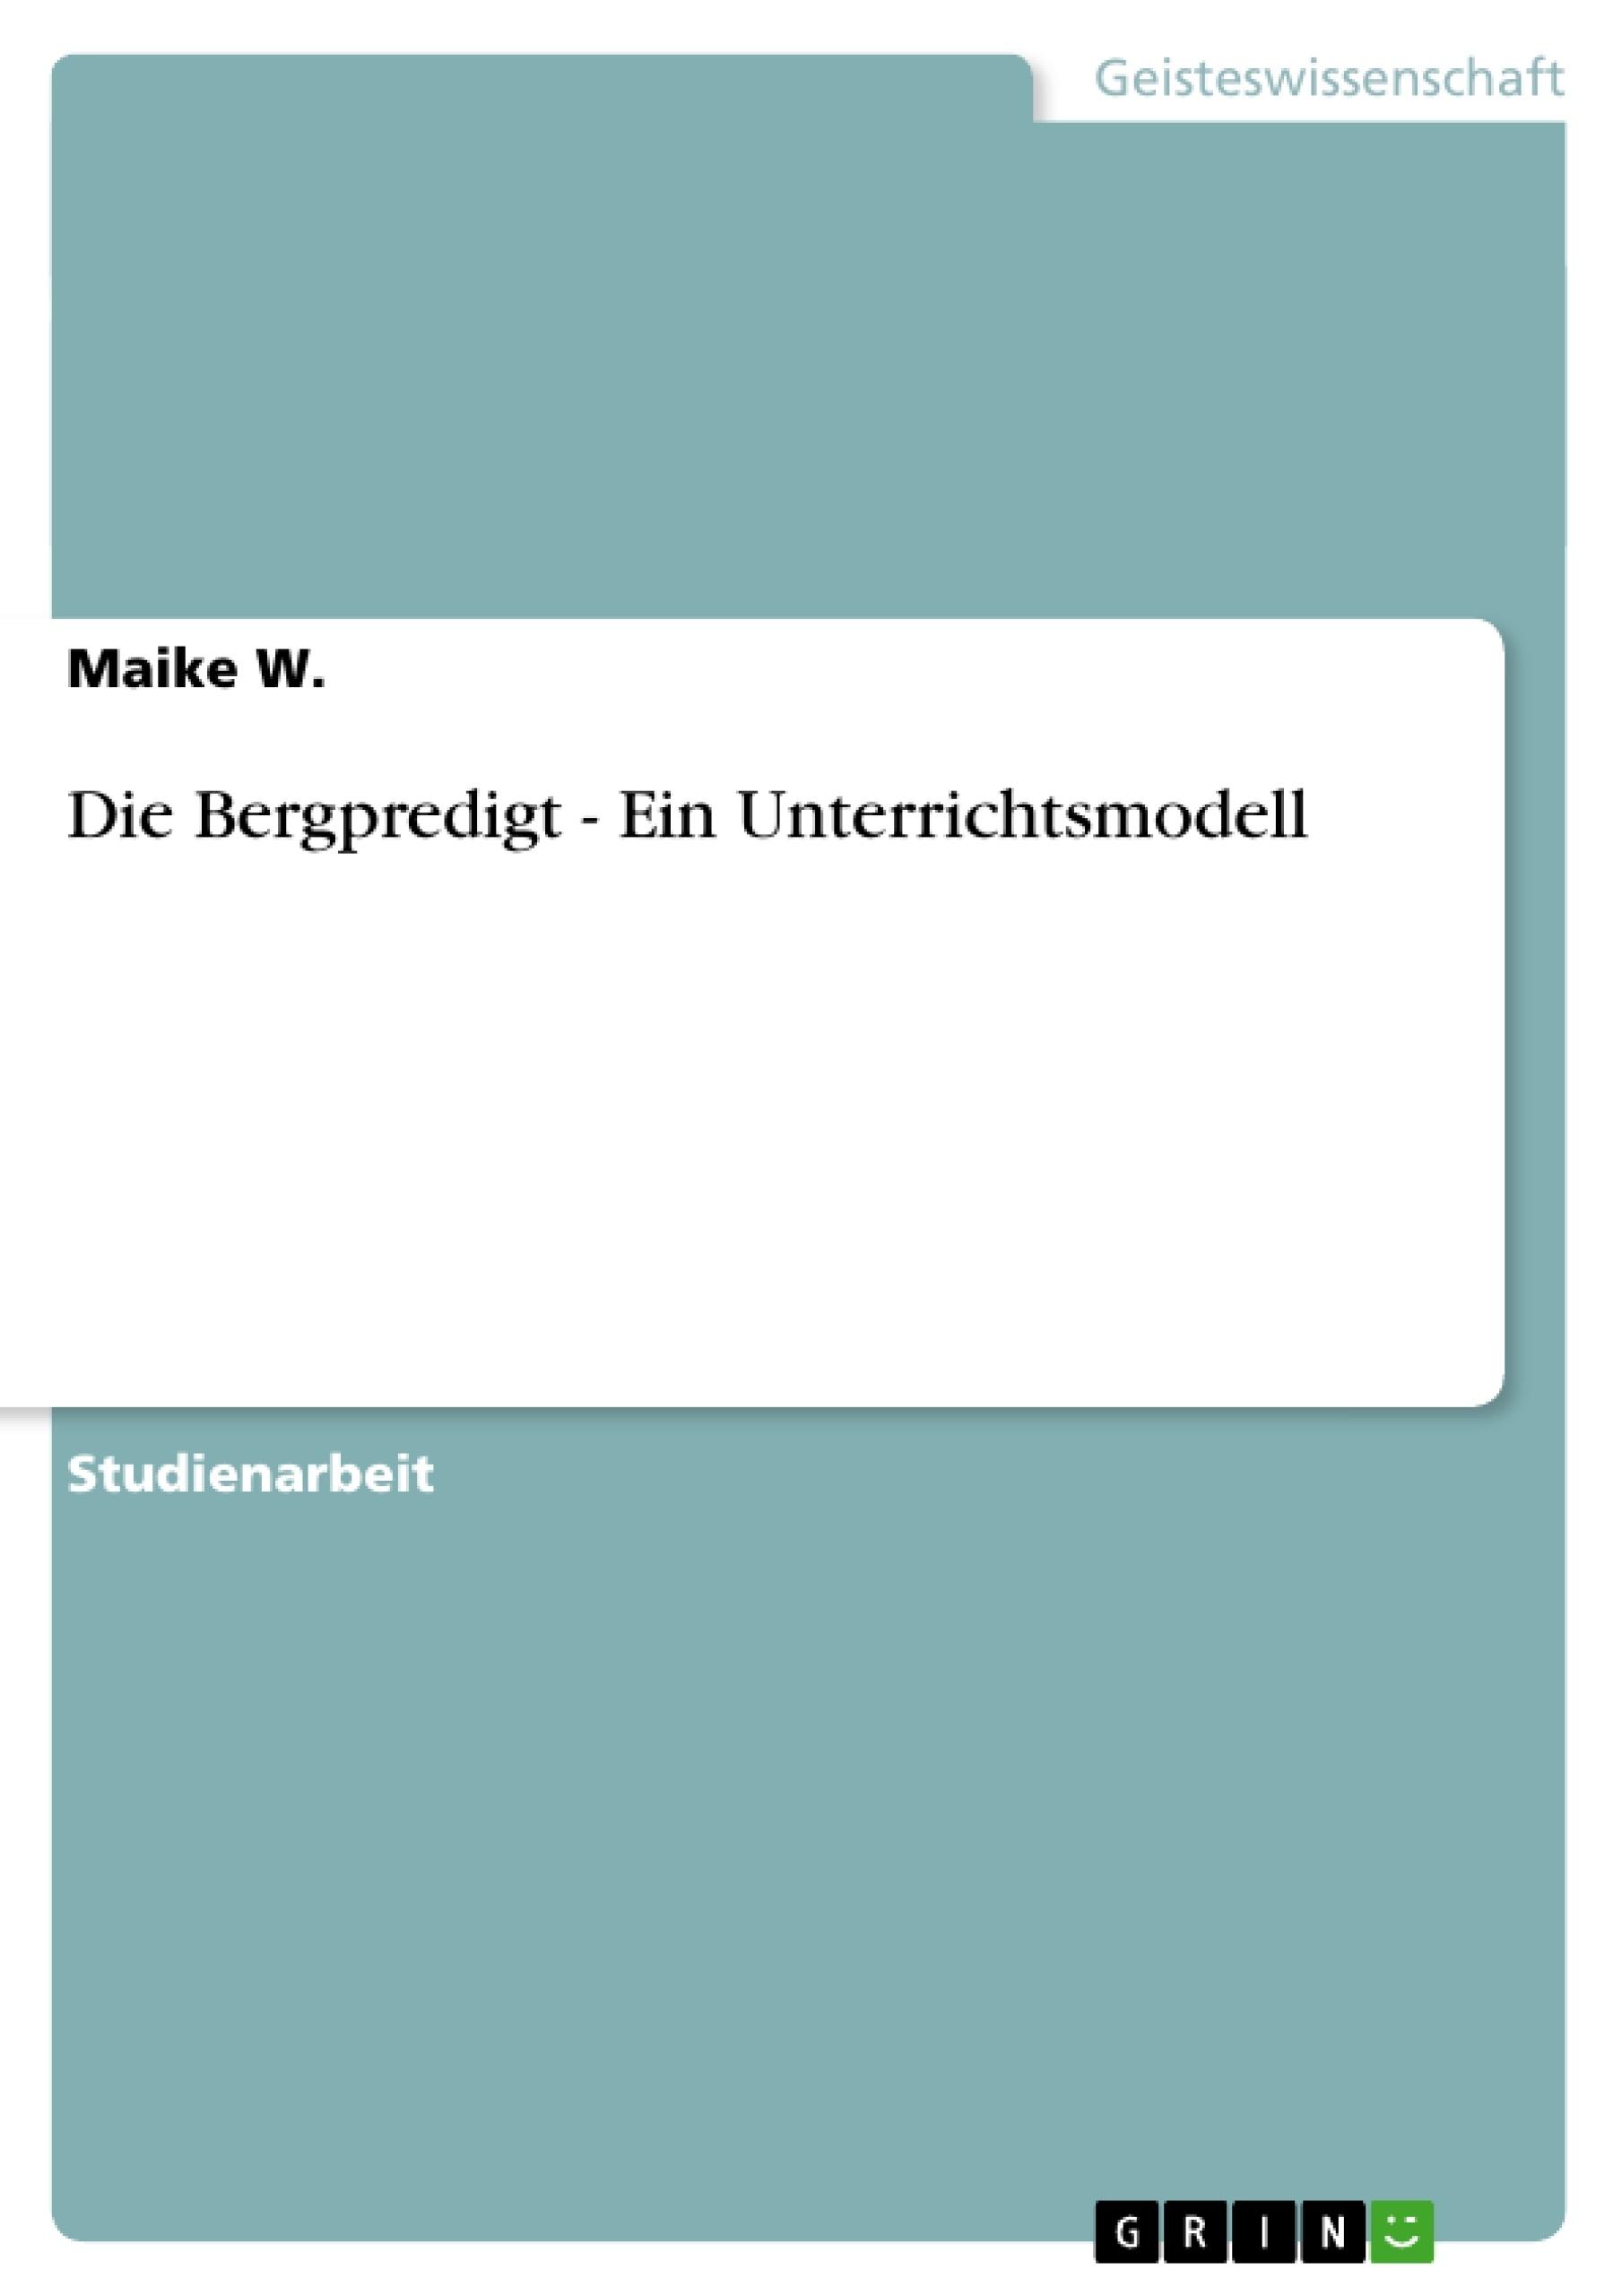 Titel: Die Bergpredigt - Ein Unterrichtsmodell